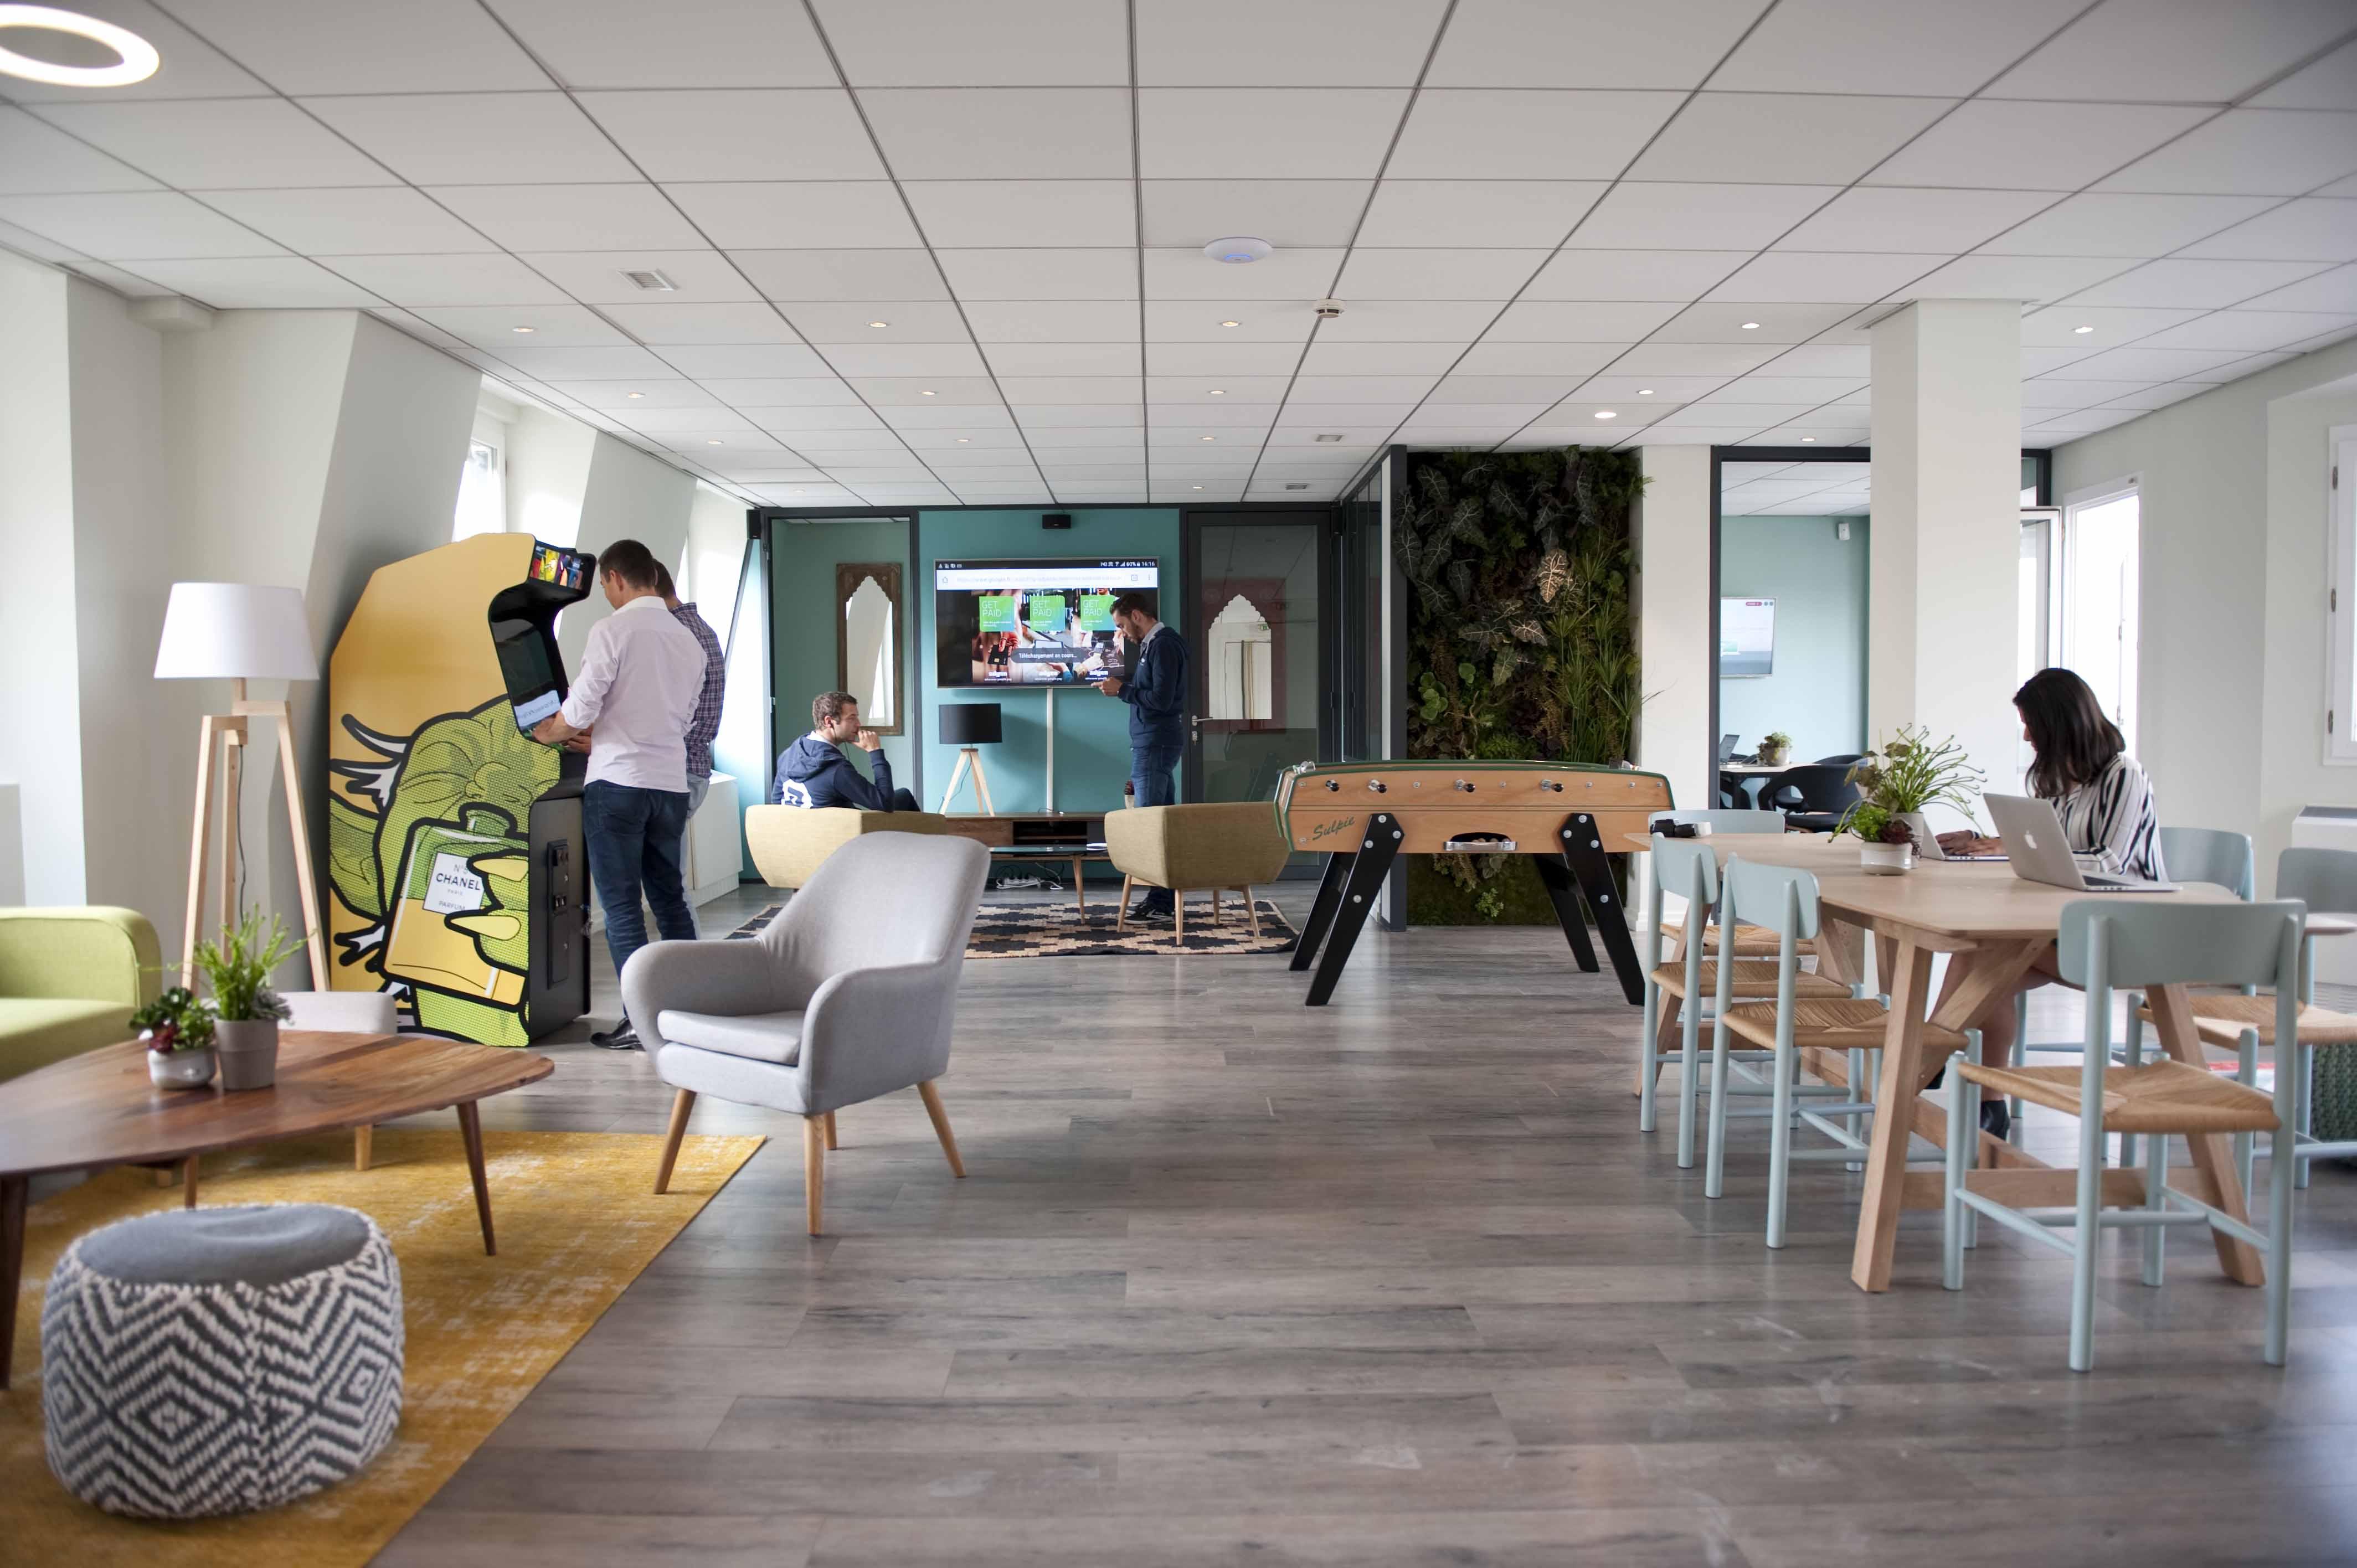 cafeteria table das bro der zukunft welchen beitrag. Black Bedroom Furniture Sets. Home Design Ideas